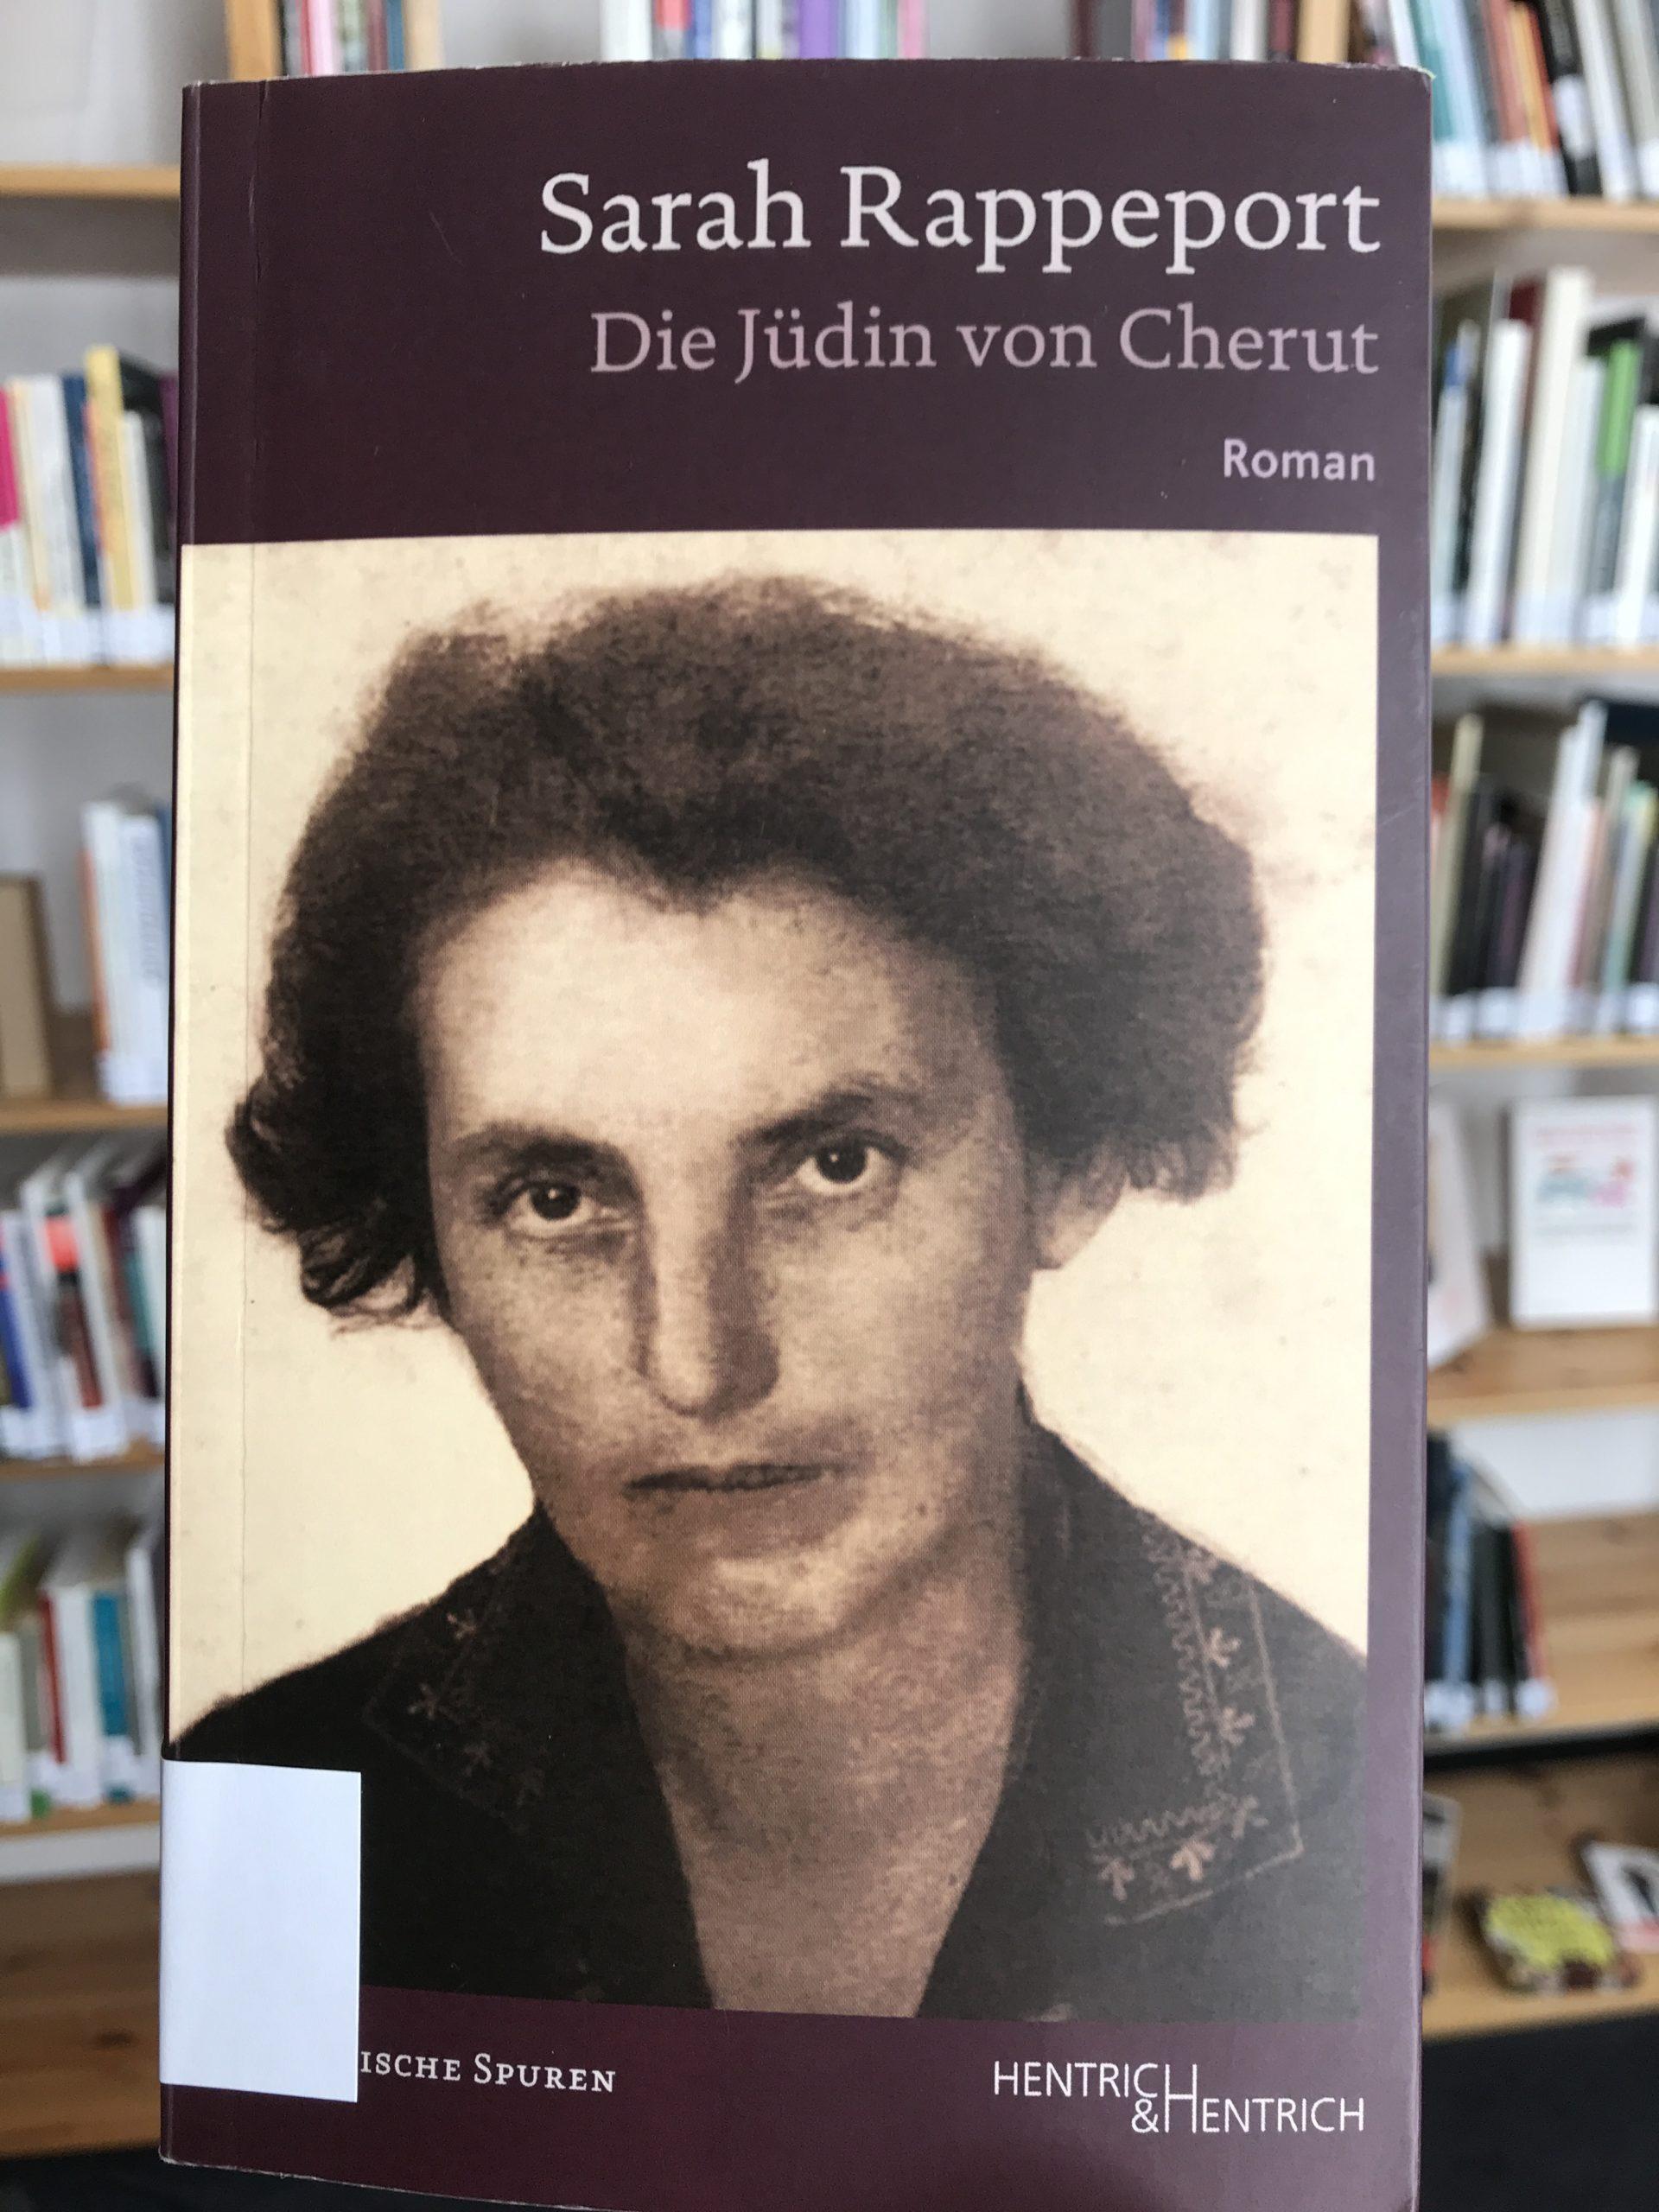 Nach 100 Jahren erstmals publiziert: Sarah Rappeports Roman Die Jüdin von Cherut